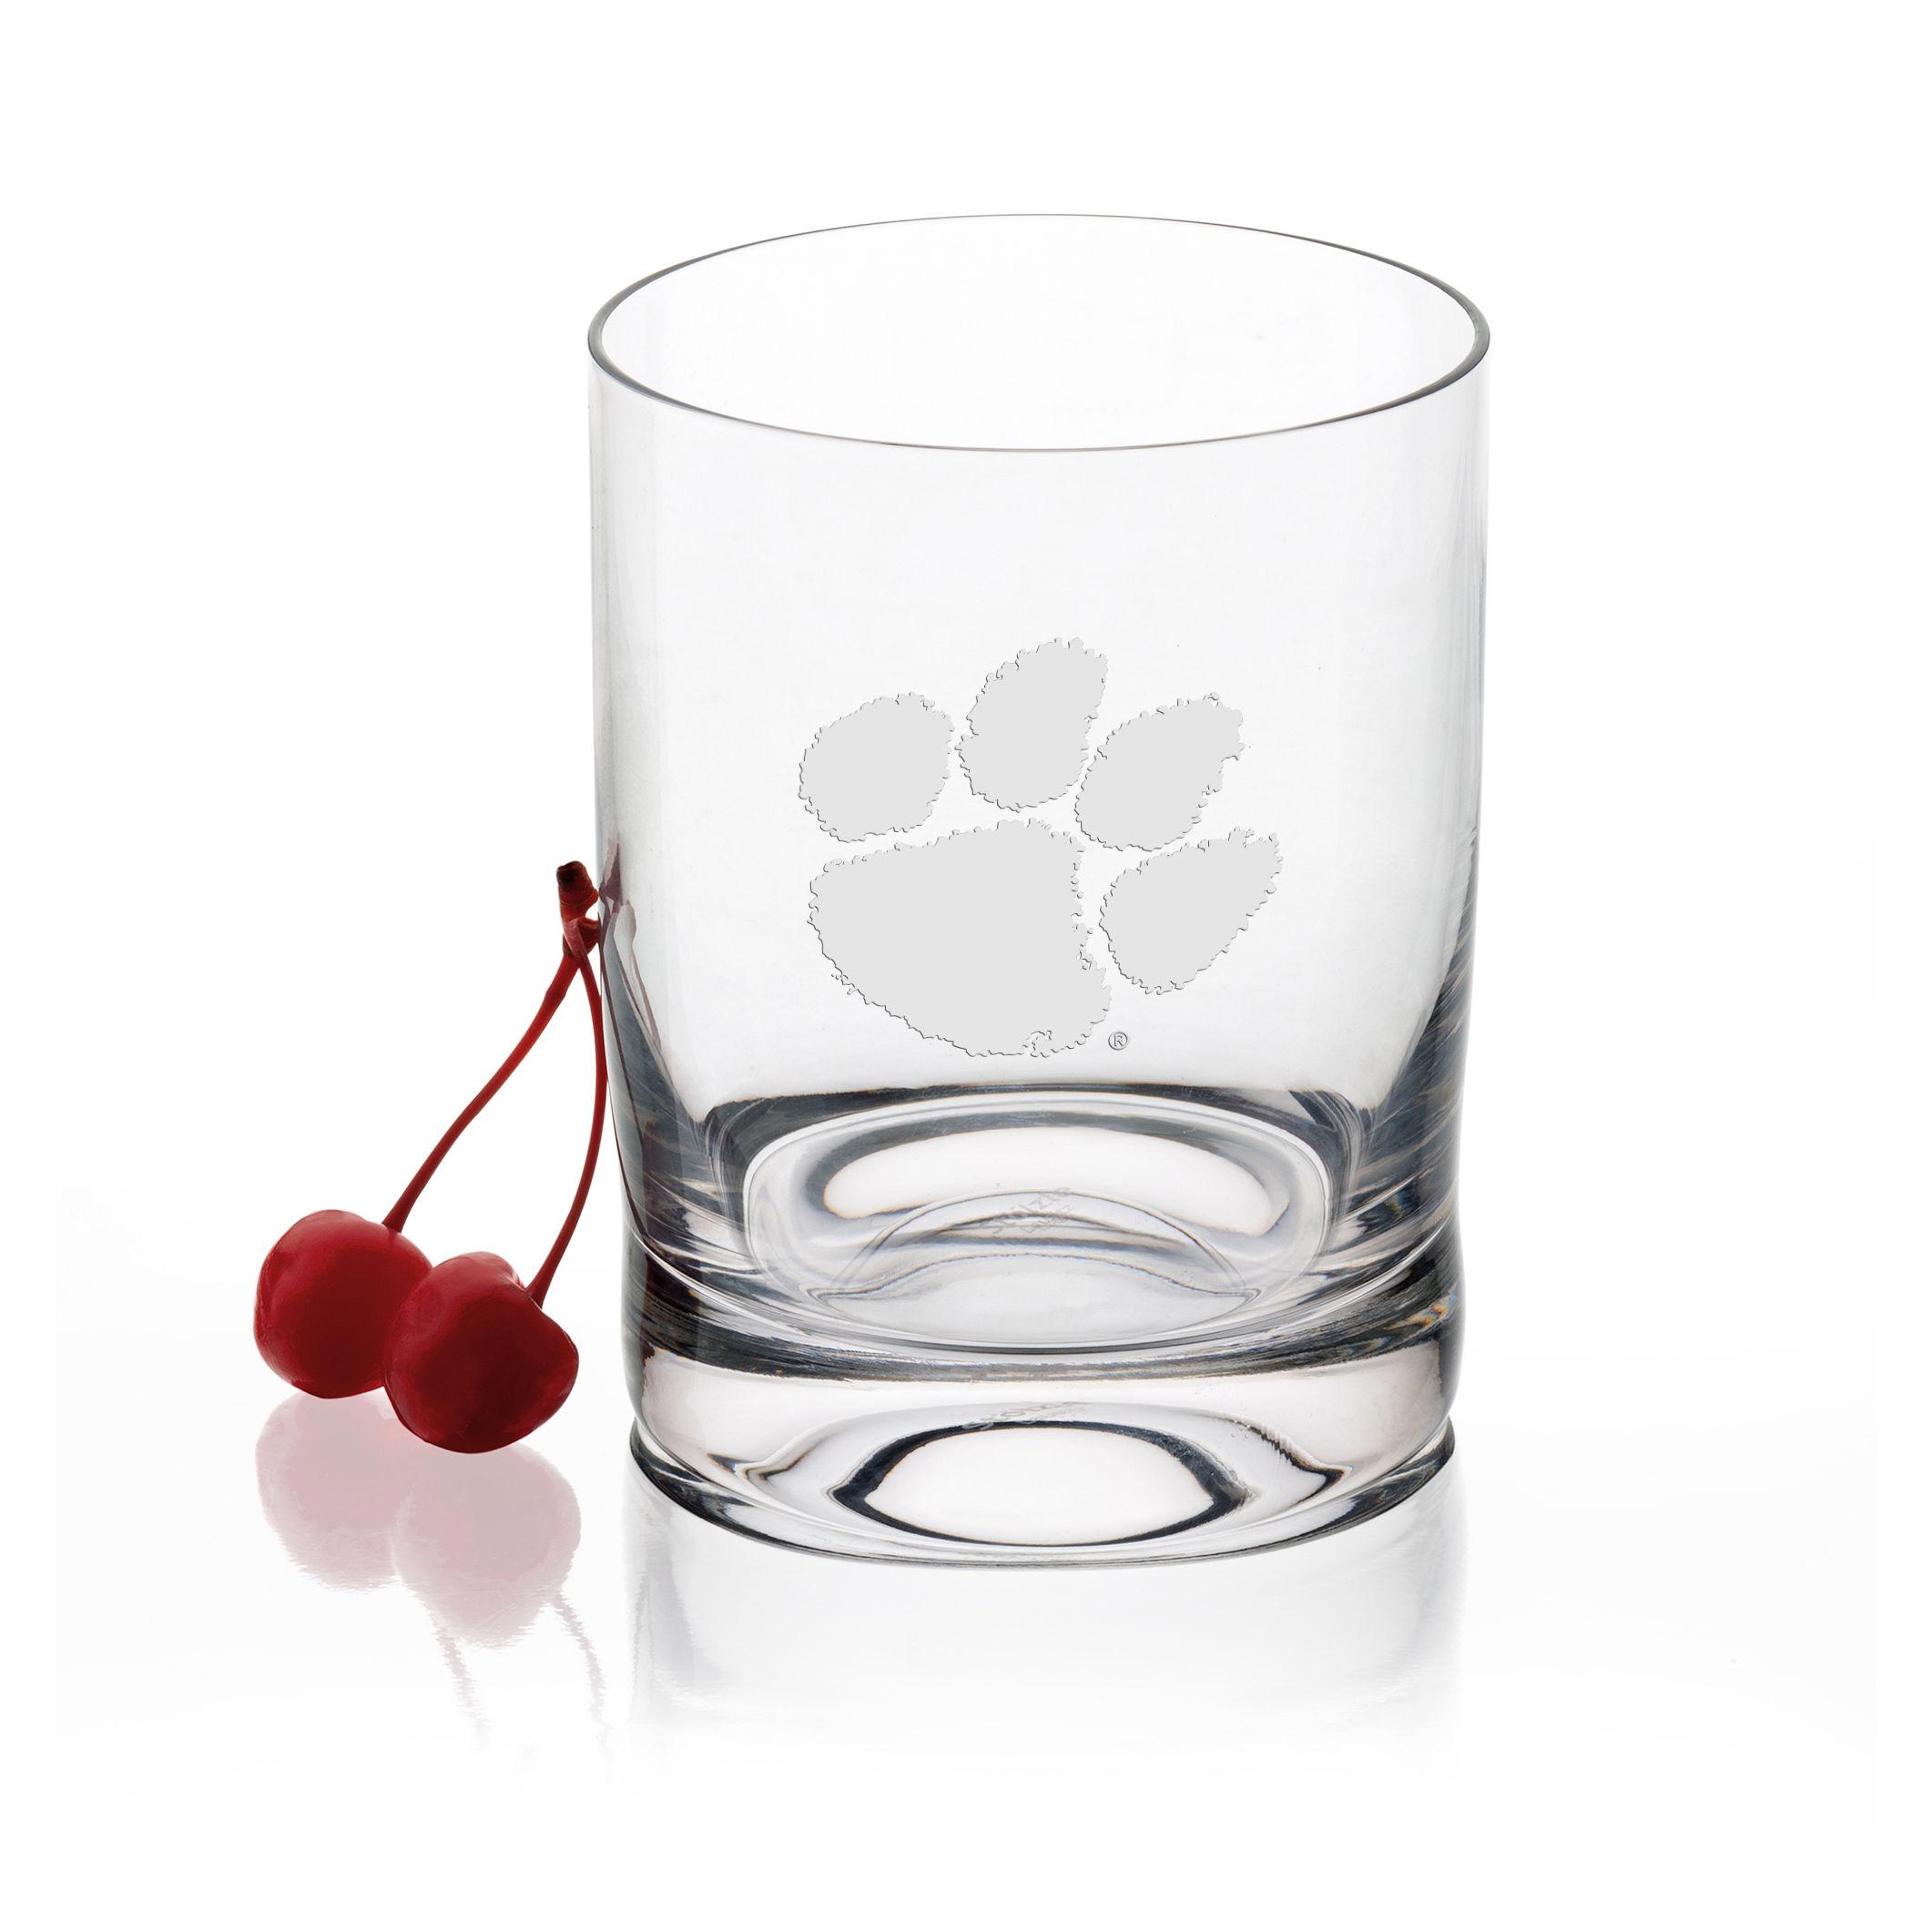 Clemson Tumbler Glasses - Set of 4